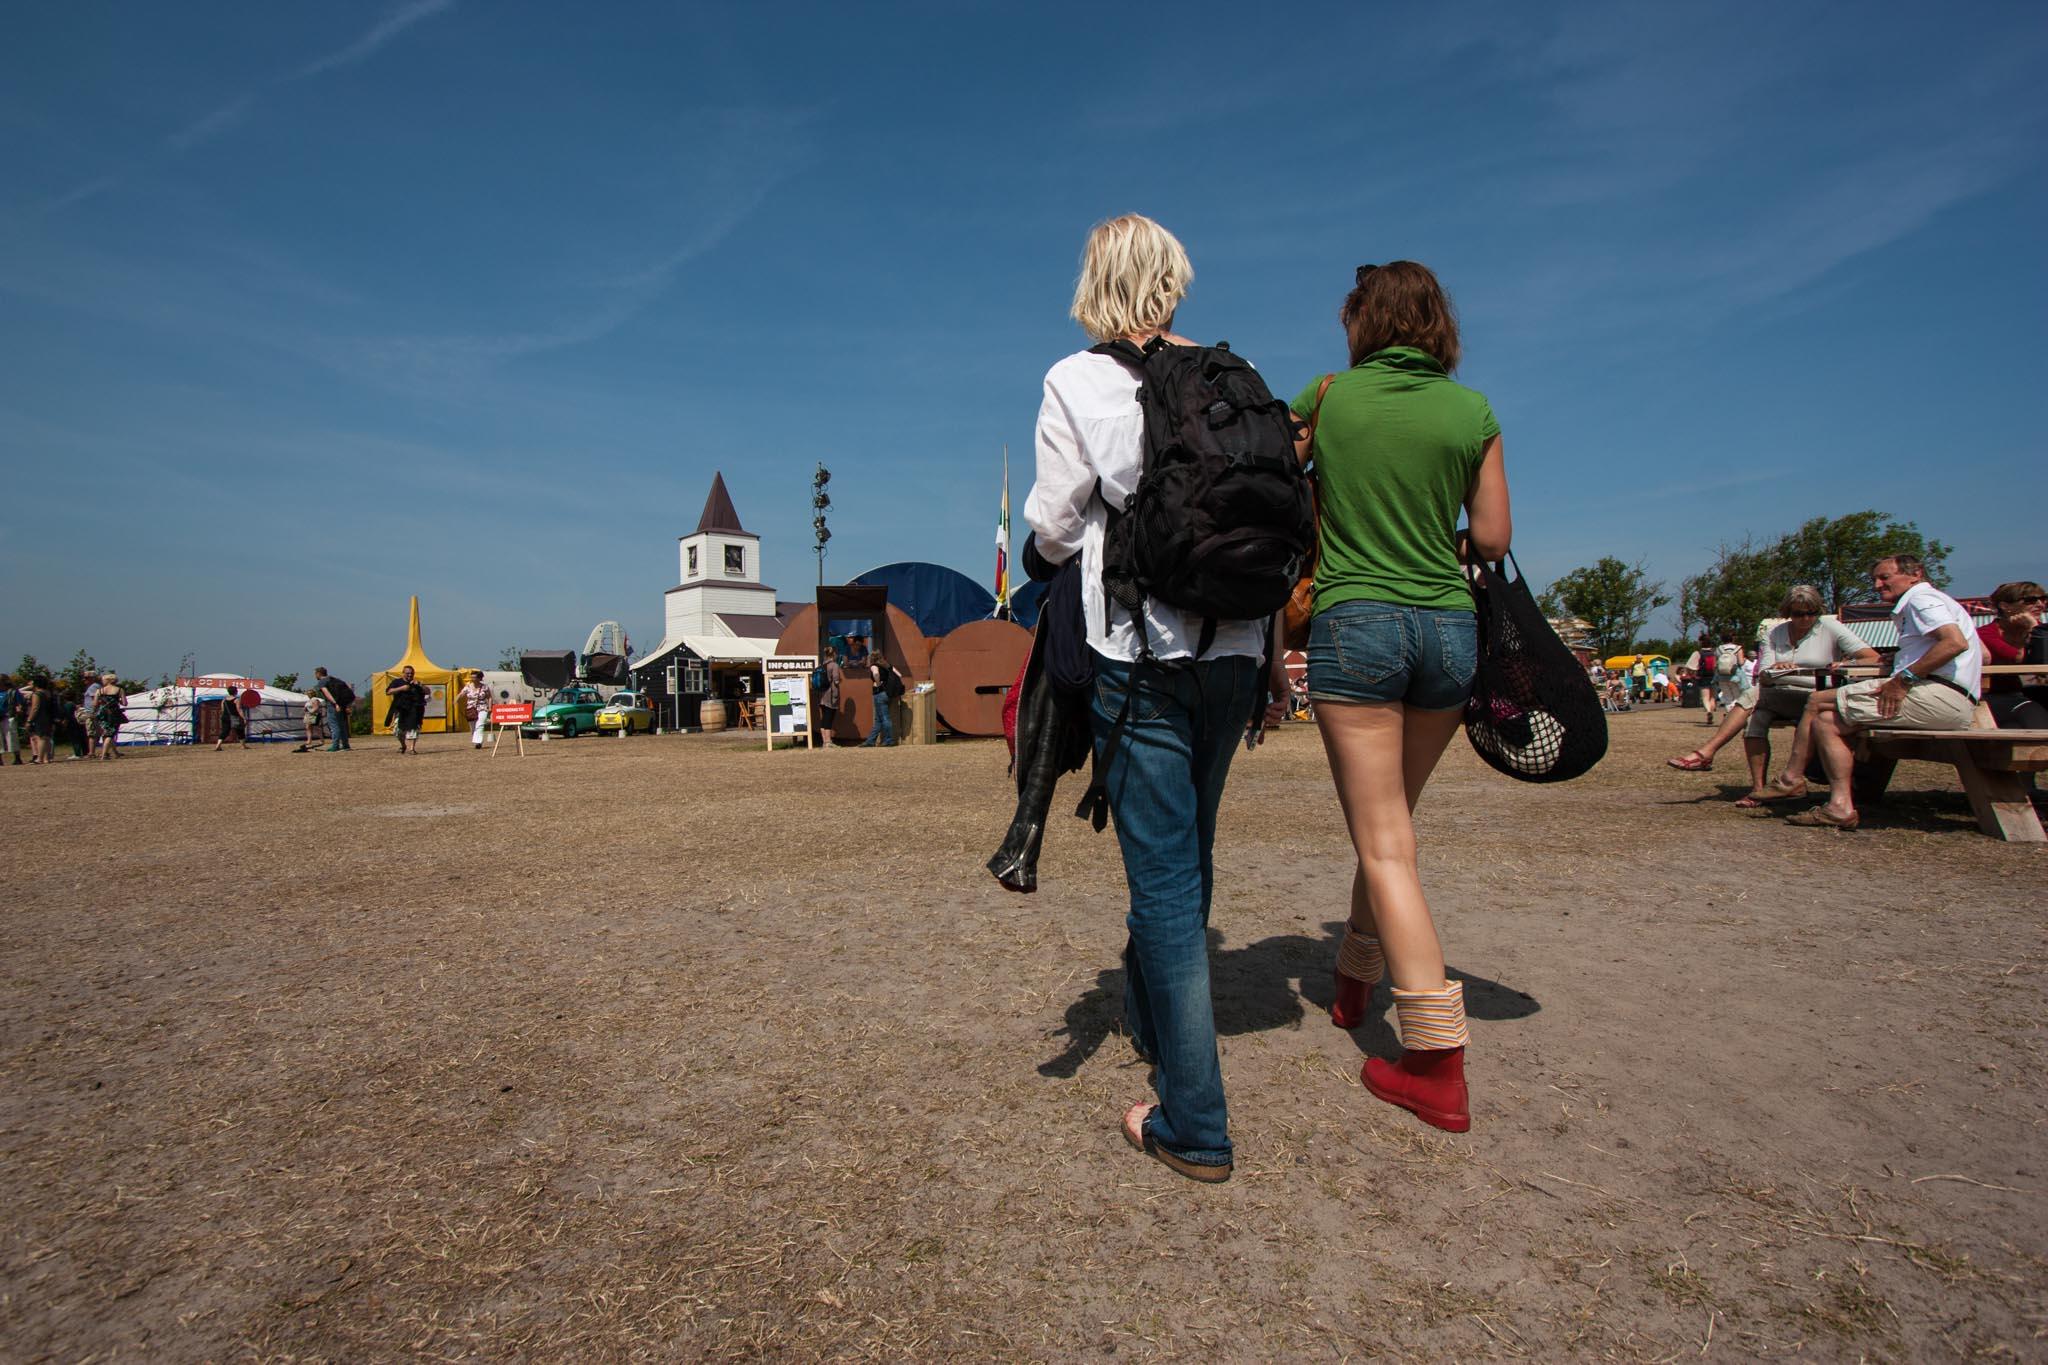 Oerol_festivalterrein_portfolio_Wijgert-Jan_van_As